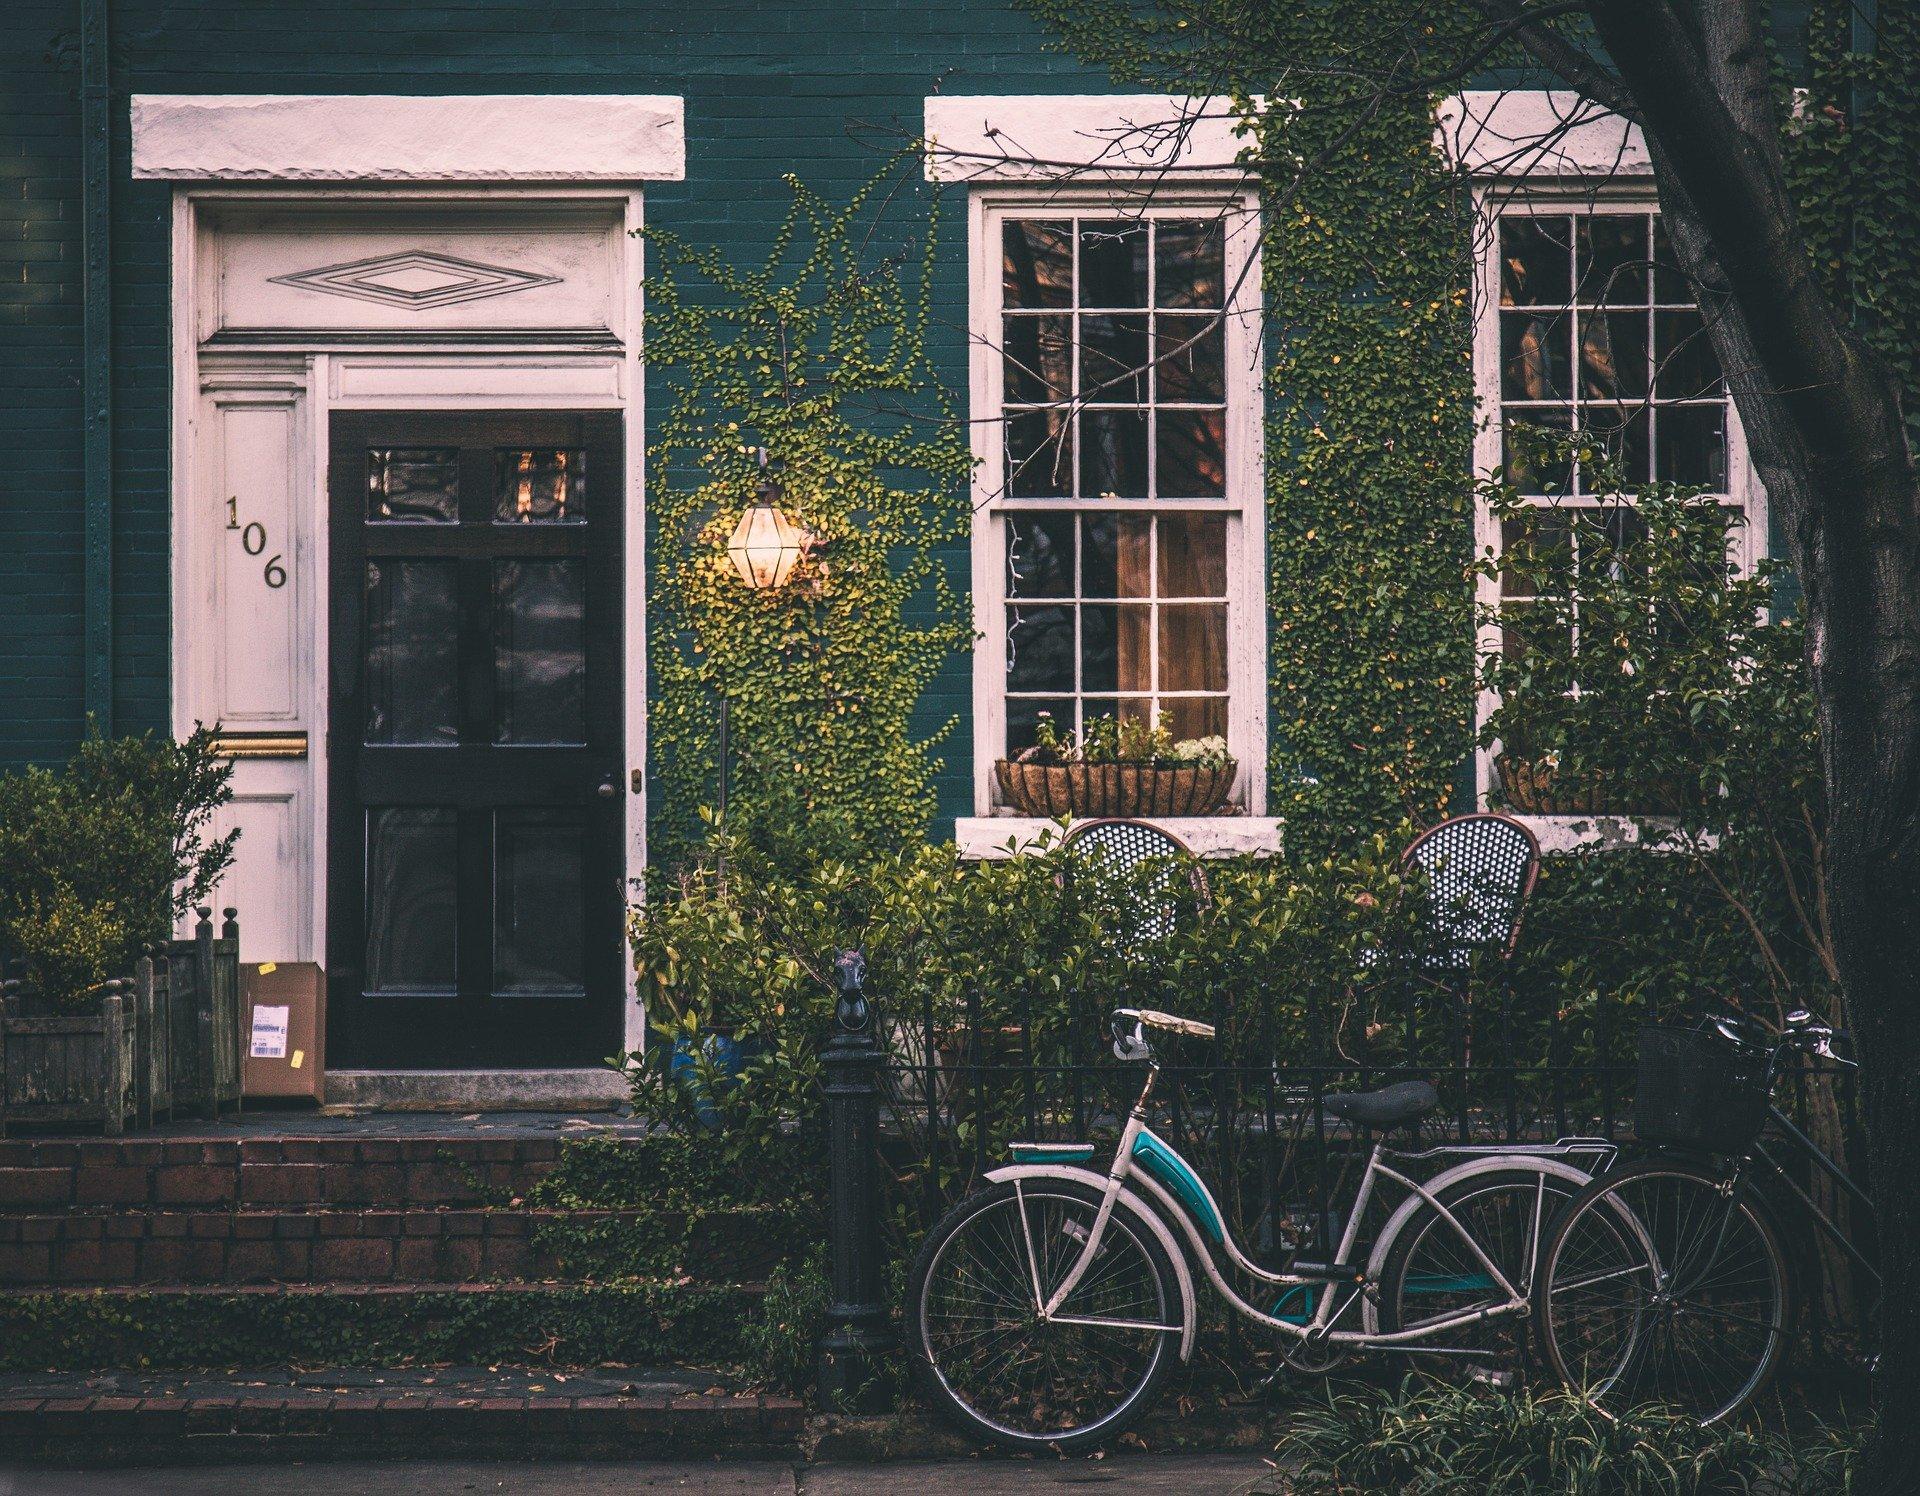 Cómo implementar medidas disuasorias en mi hogar o negocio